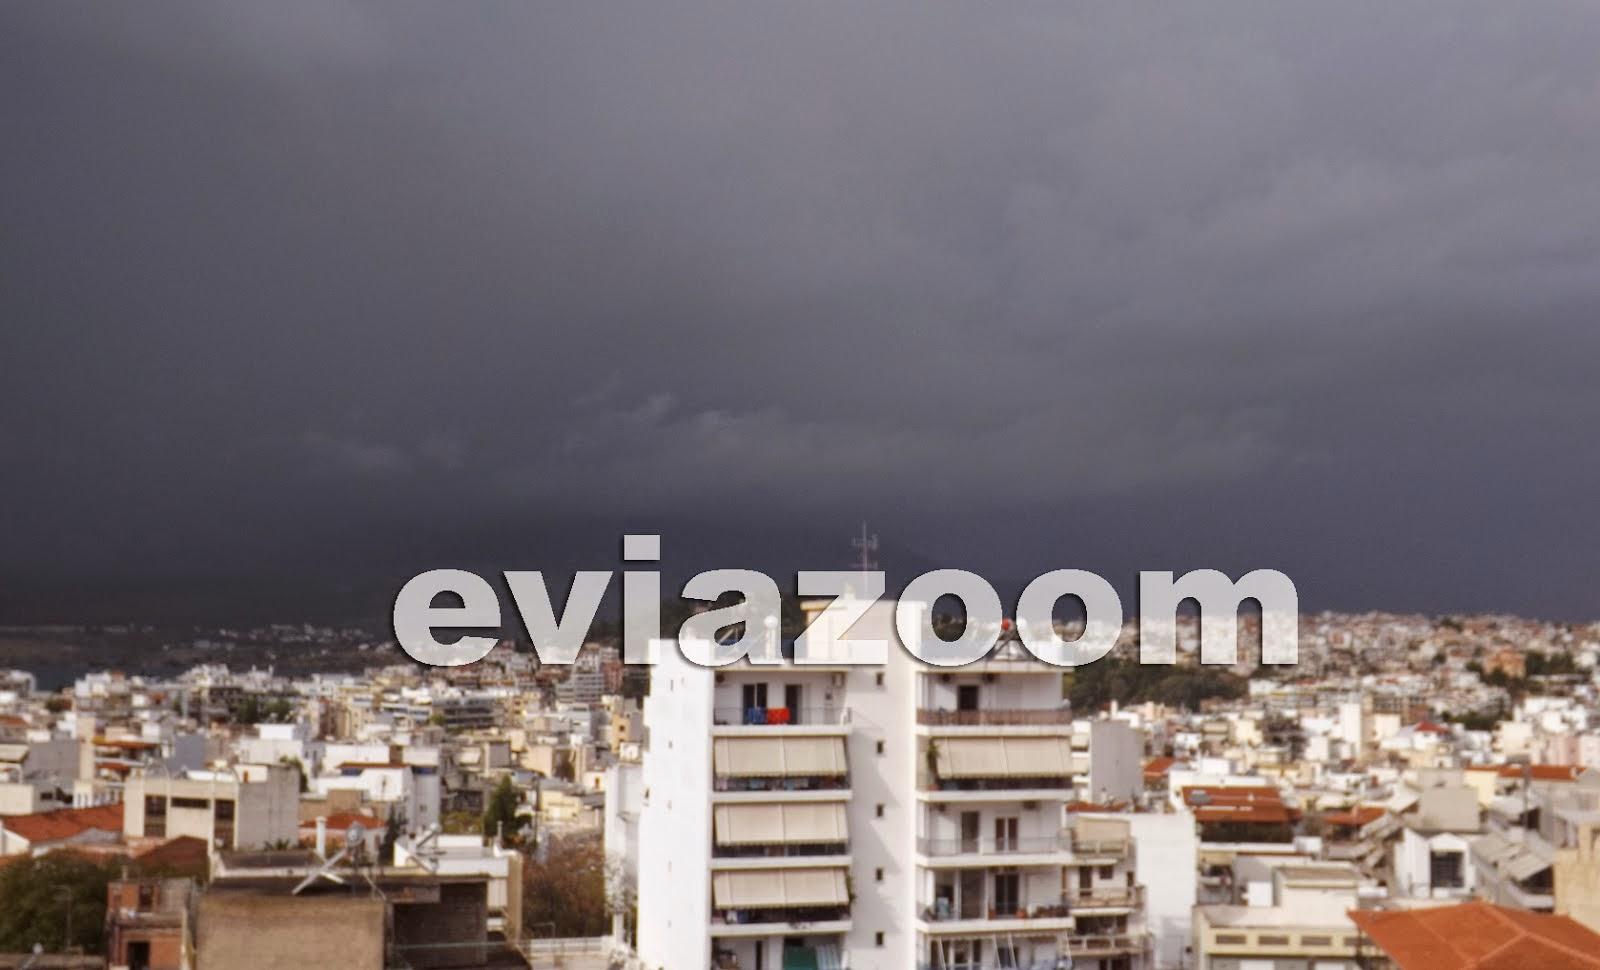 Εύβοια: Ραγδαία επιδείνωση του καιρού από απόψε με καταιγίδες - Που θα πέσουν τα πρώτα χιόνια